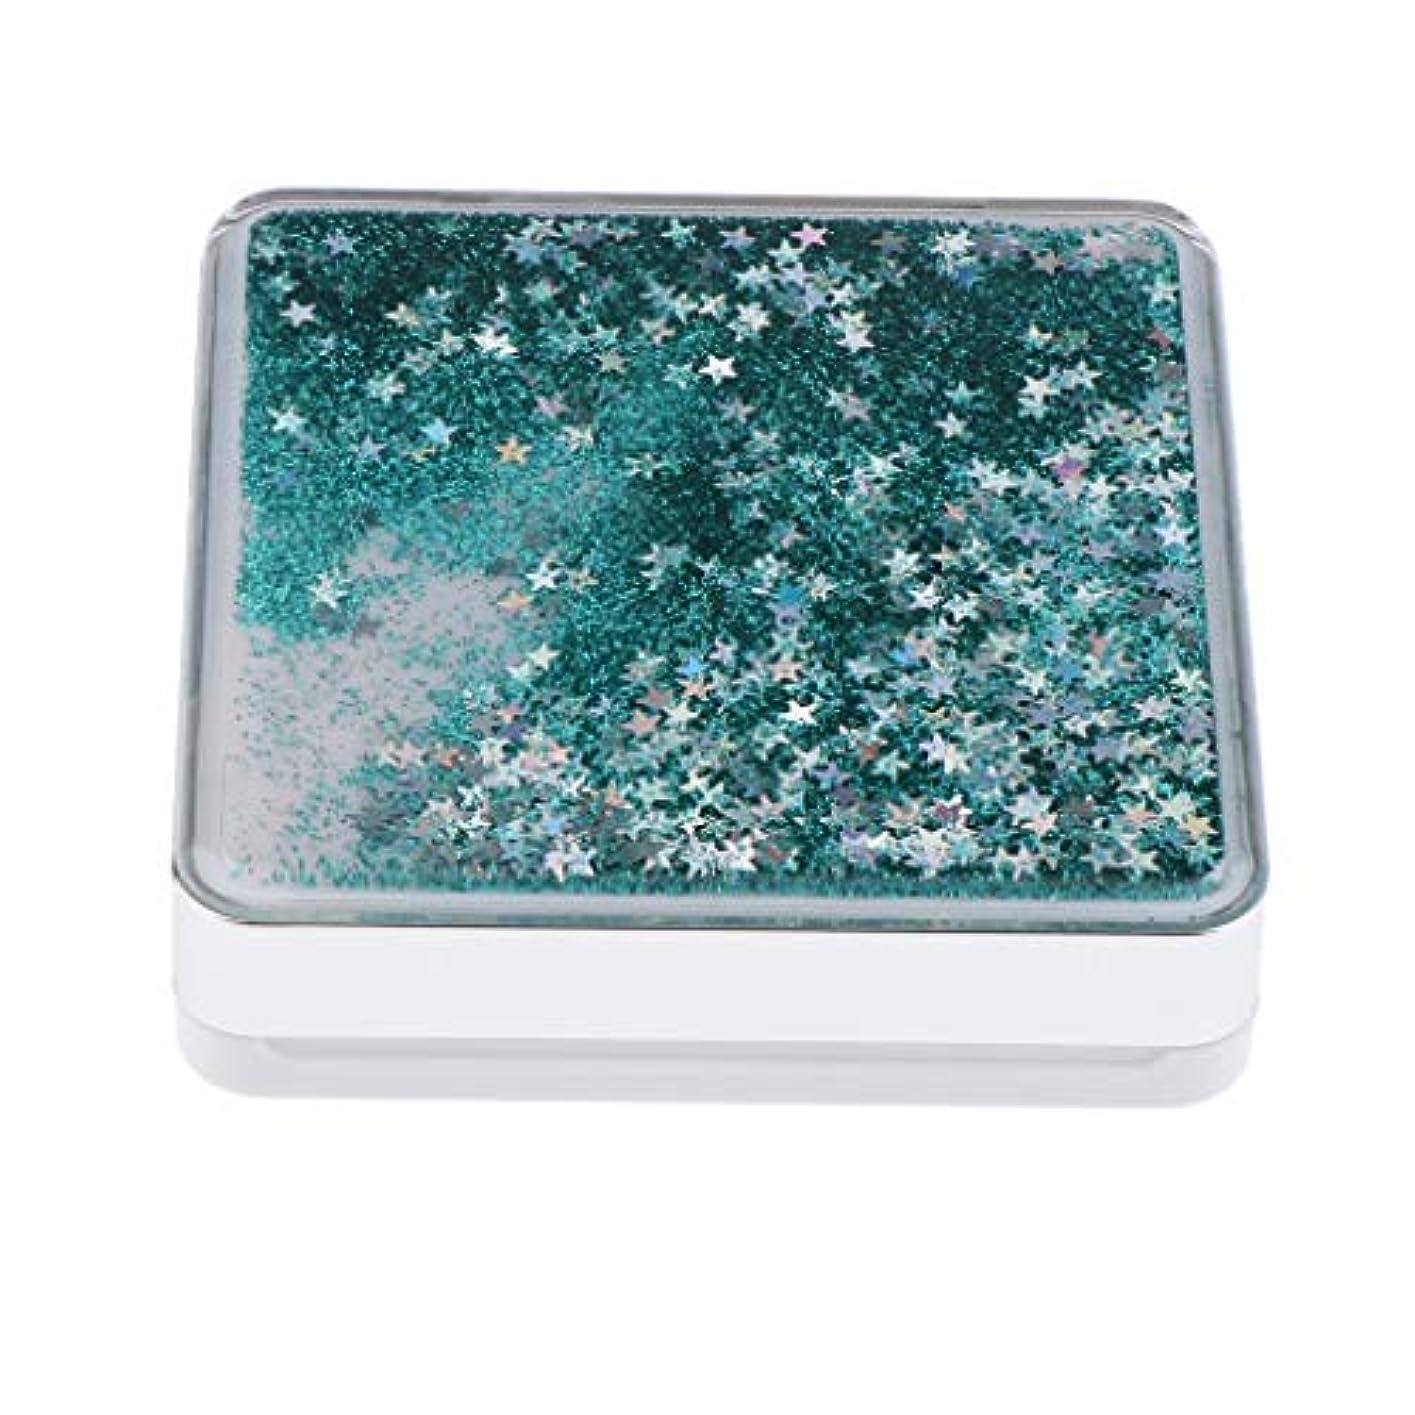 労苦デモンストレーション繁殖エアクッションケース パフ 化粧鏡 ミラー付き コンパクト 旅行小物 化粧品ケース 3色選べ - 緑